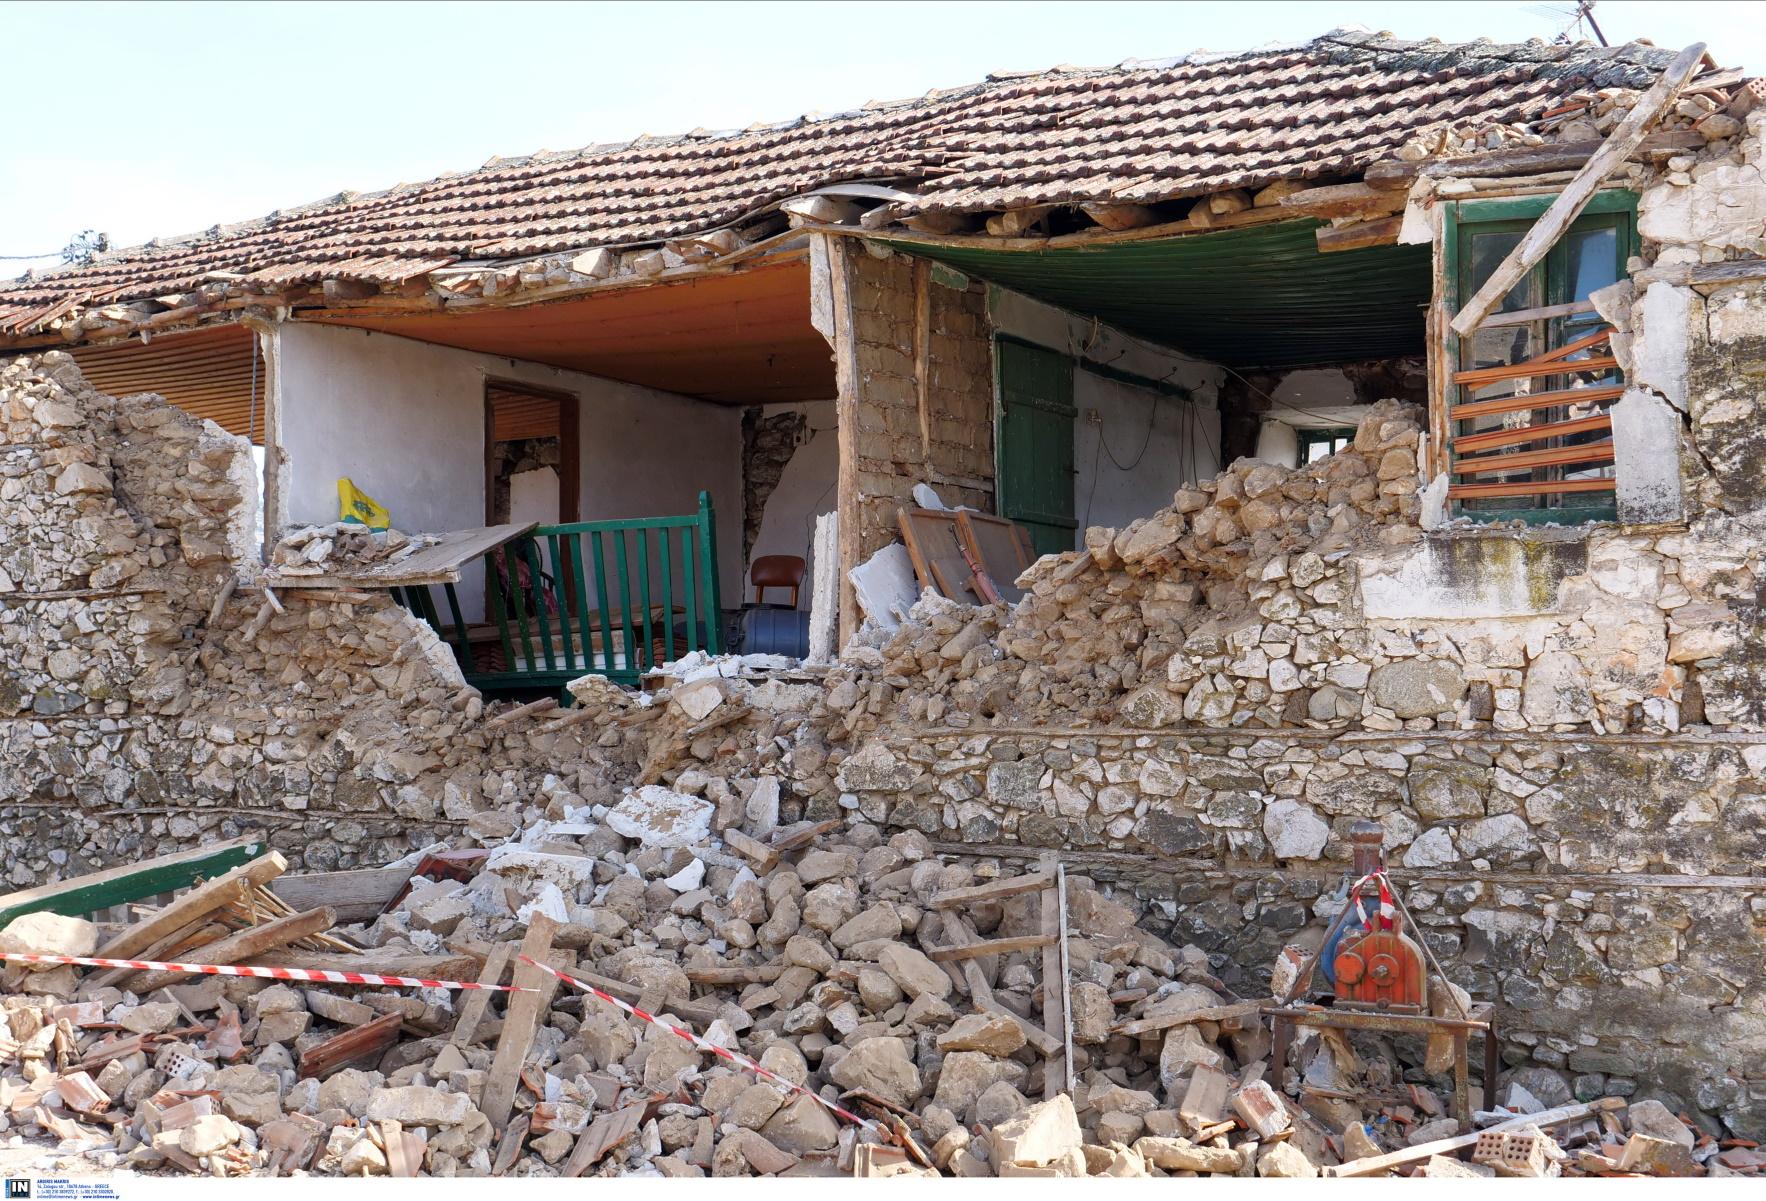 Σεισμός στην Ελασσόνα: Όταν η γη «έτρεμε» συνέχεια – Πάνω από 400 δονήσεις